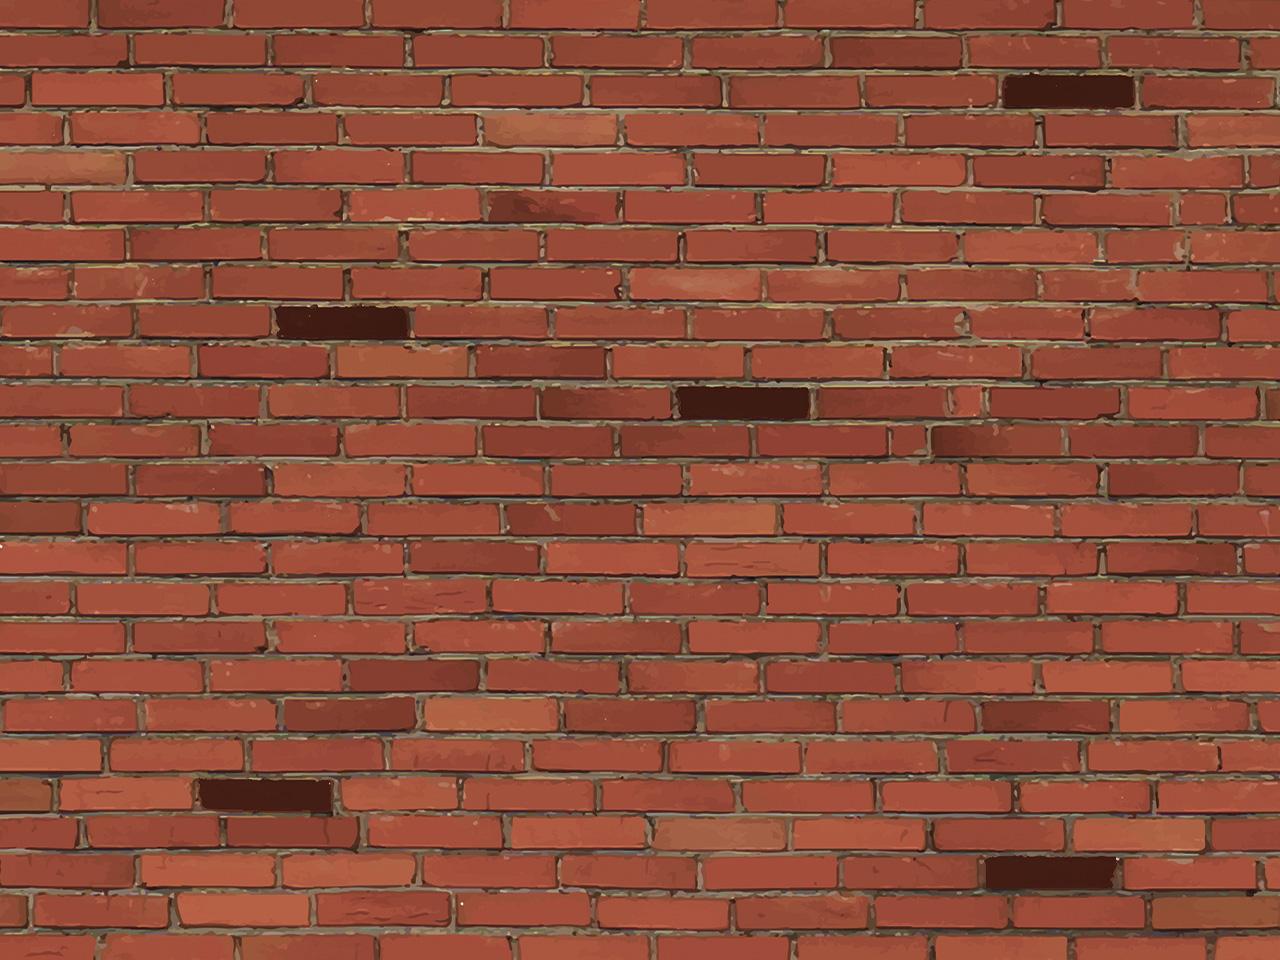 Sealing weep holes in brick walls compact grease gun